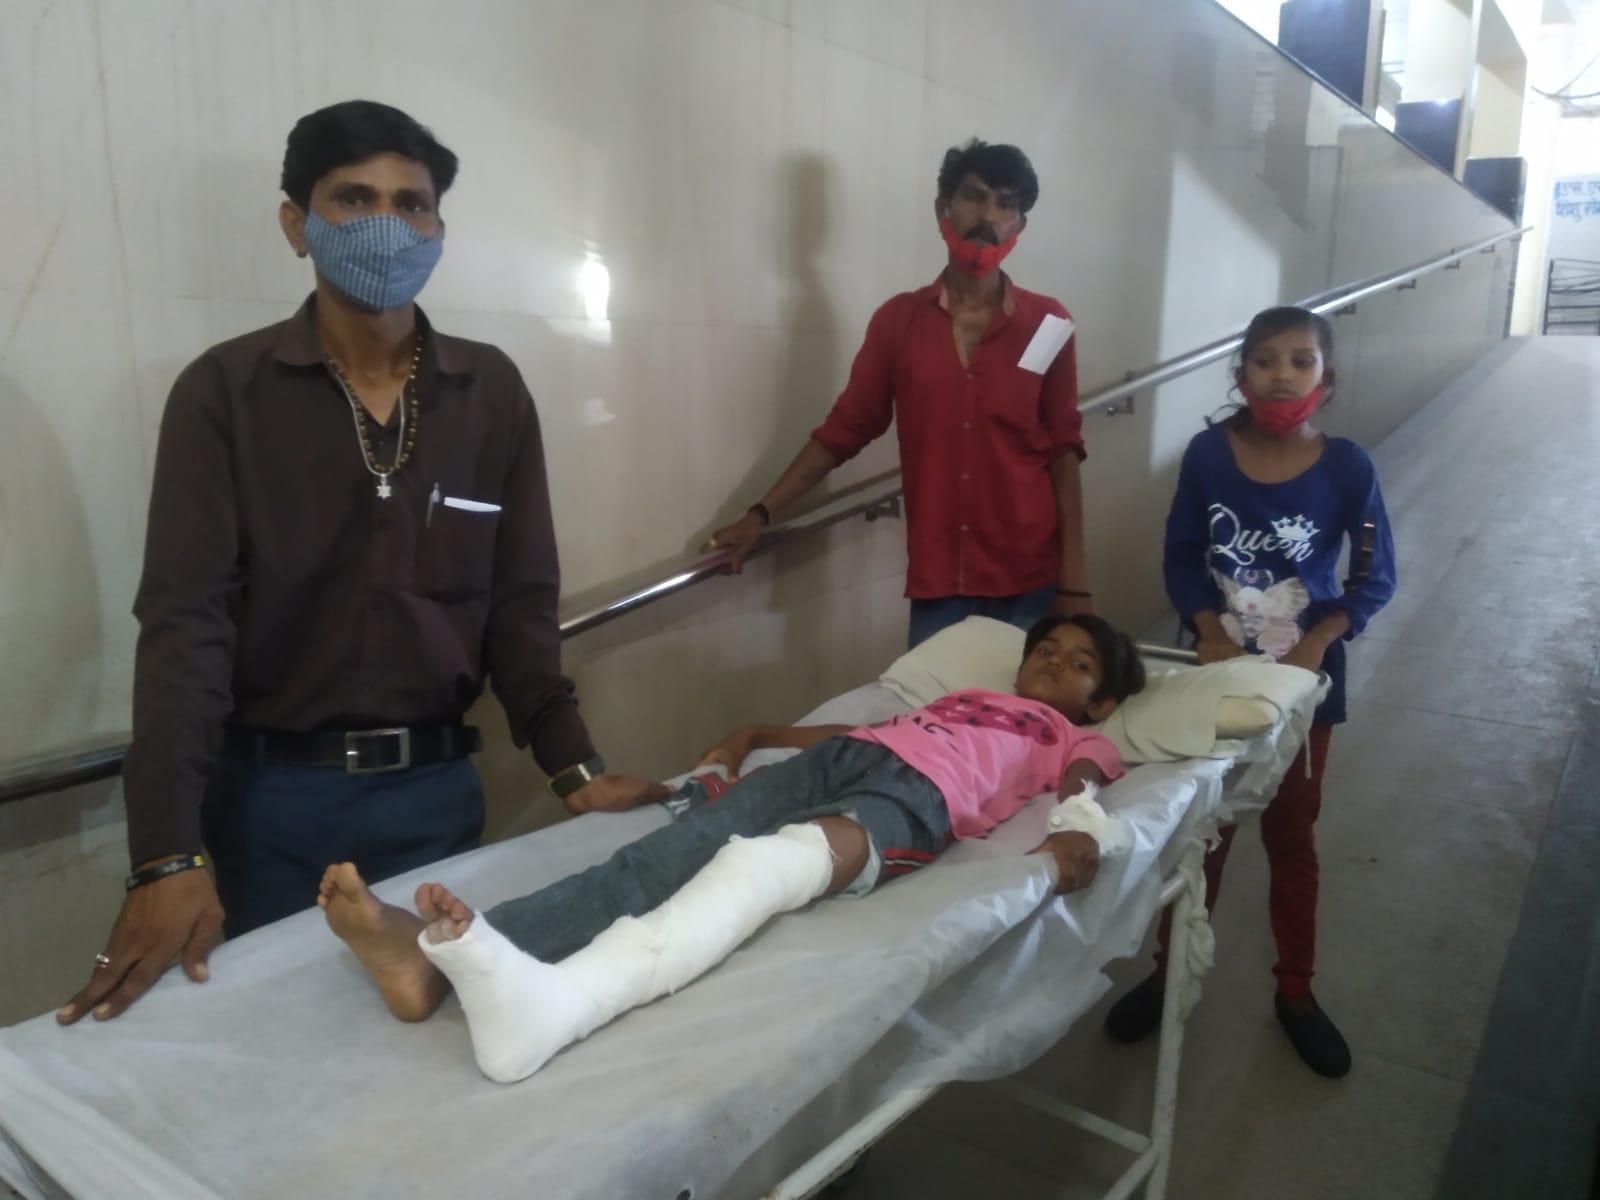 जेपी अस्पताल में परिजन ही स्ट्रेचर खींचने को मजबूर - Dainik Bhaskar